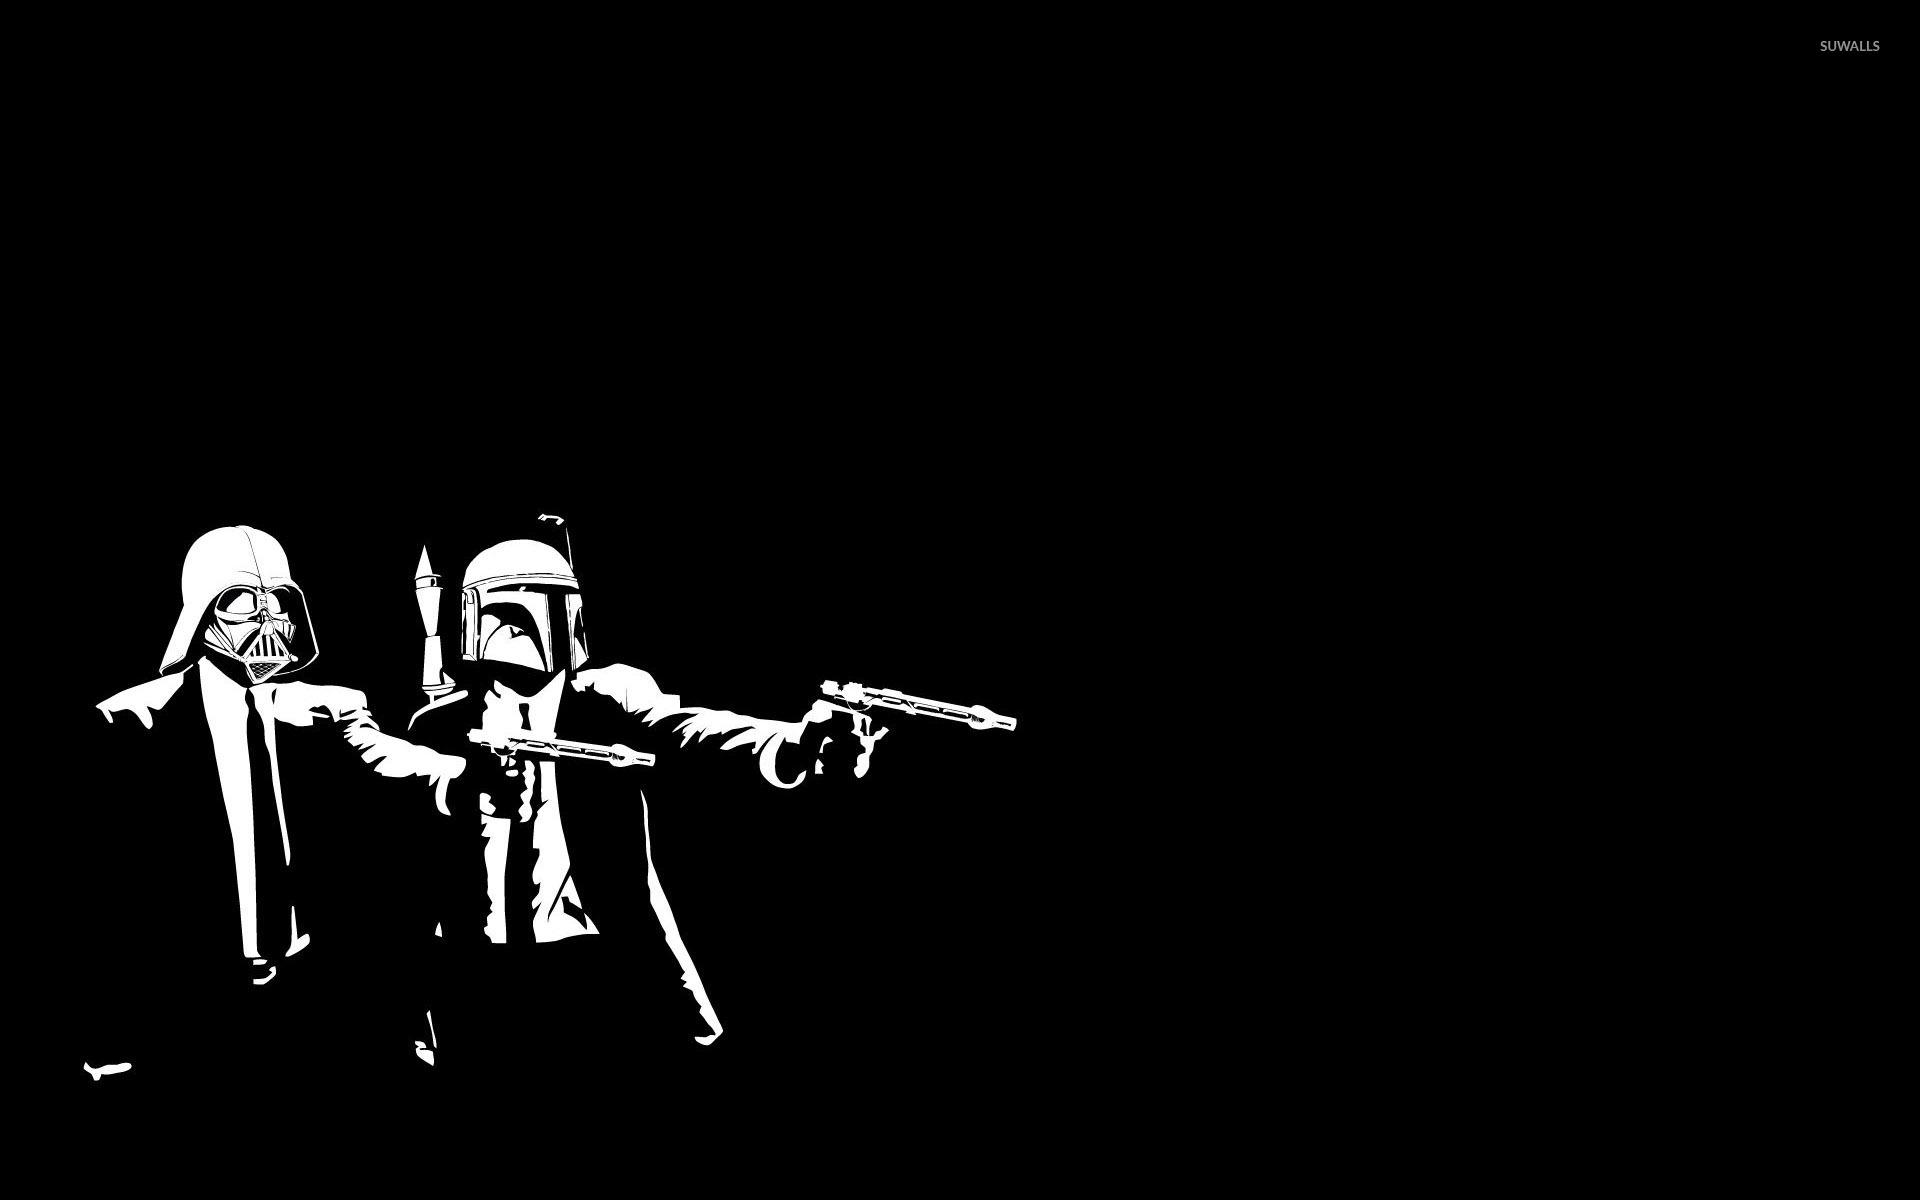 1920x1200 Pulp Fiction Star Wars Crossover Wallpaper